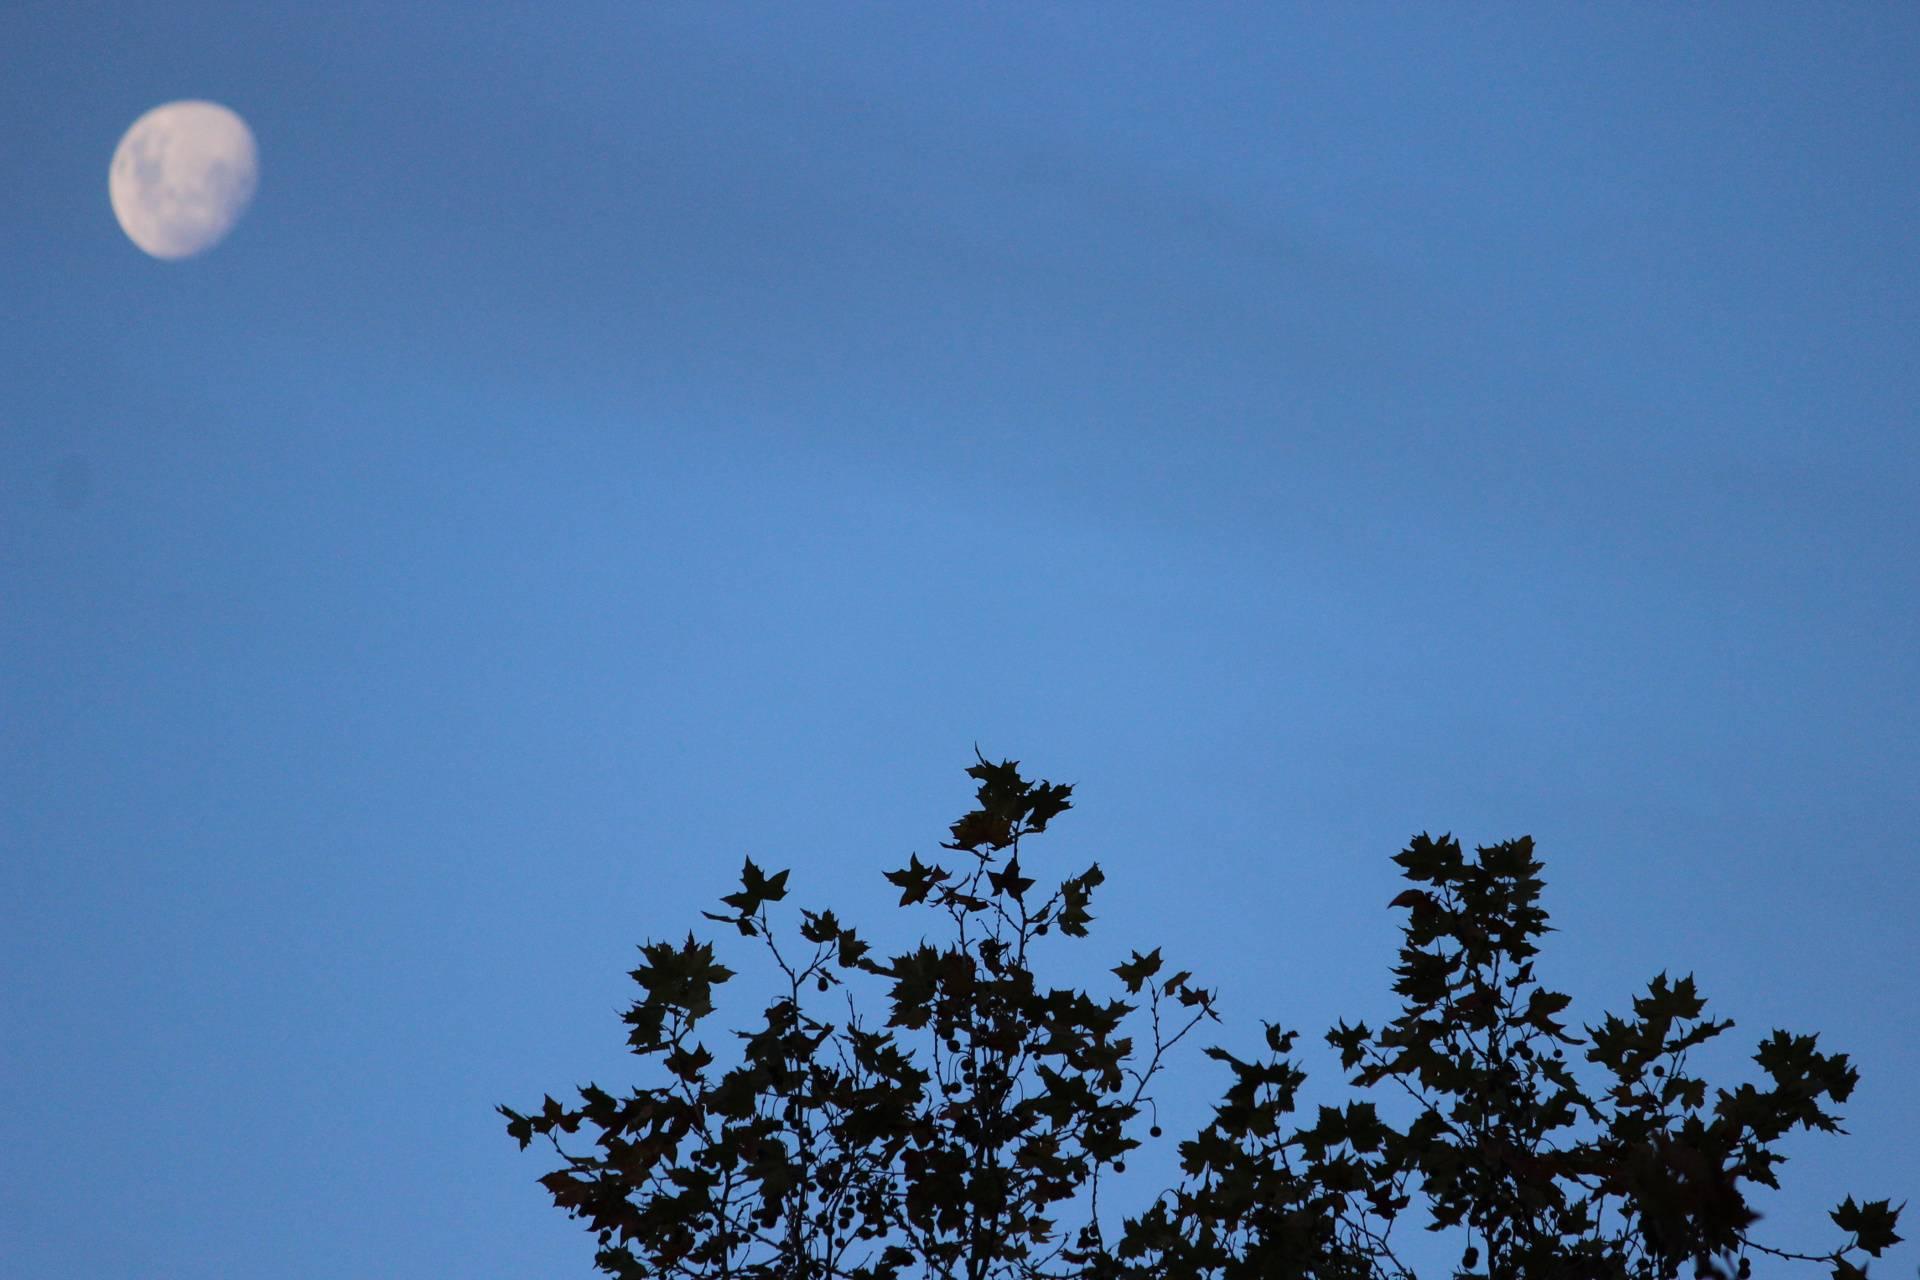 NZ skies